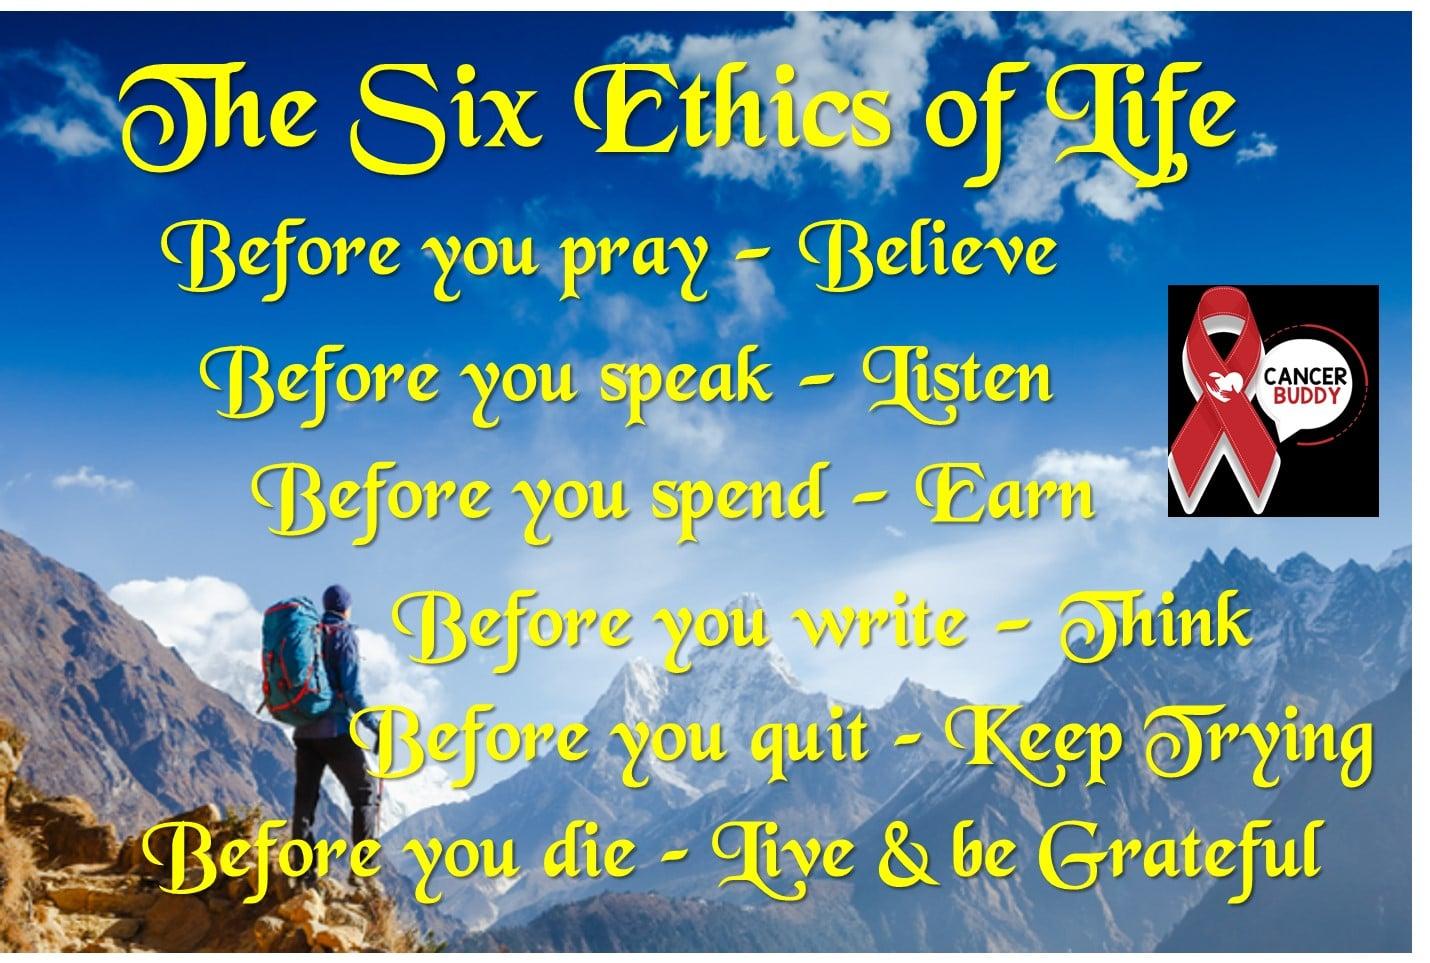 SixEthics-